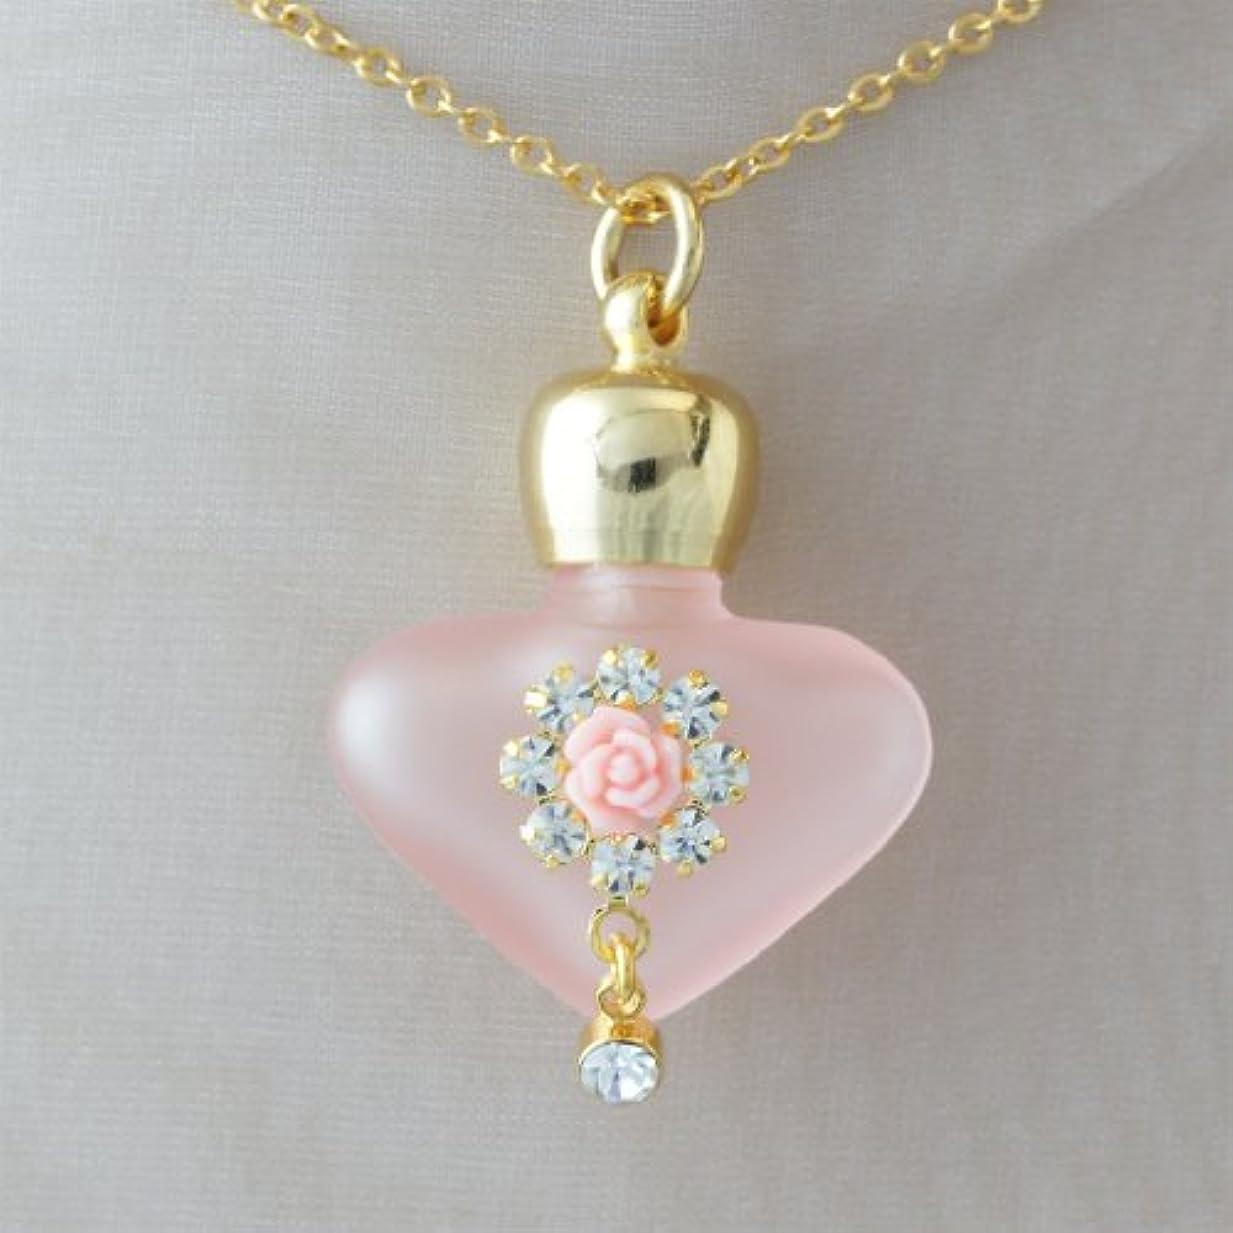 気候アンケート聴覚障害者【天使の小瓶】 ハートフラワー (ピンク)